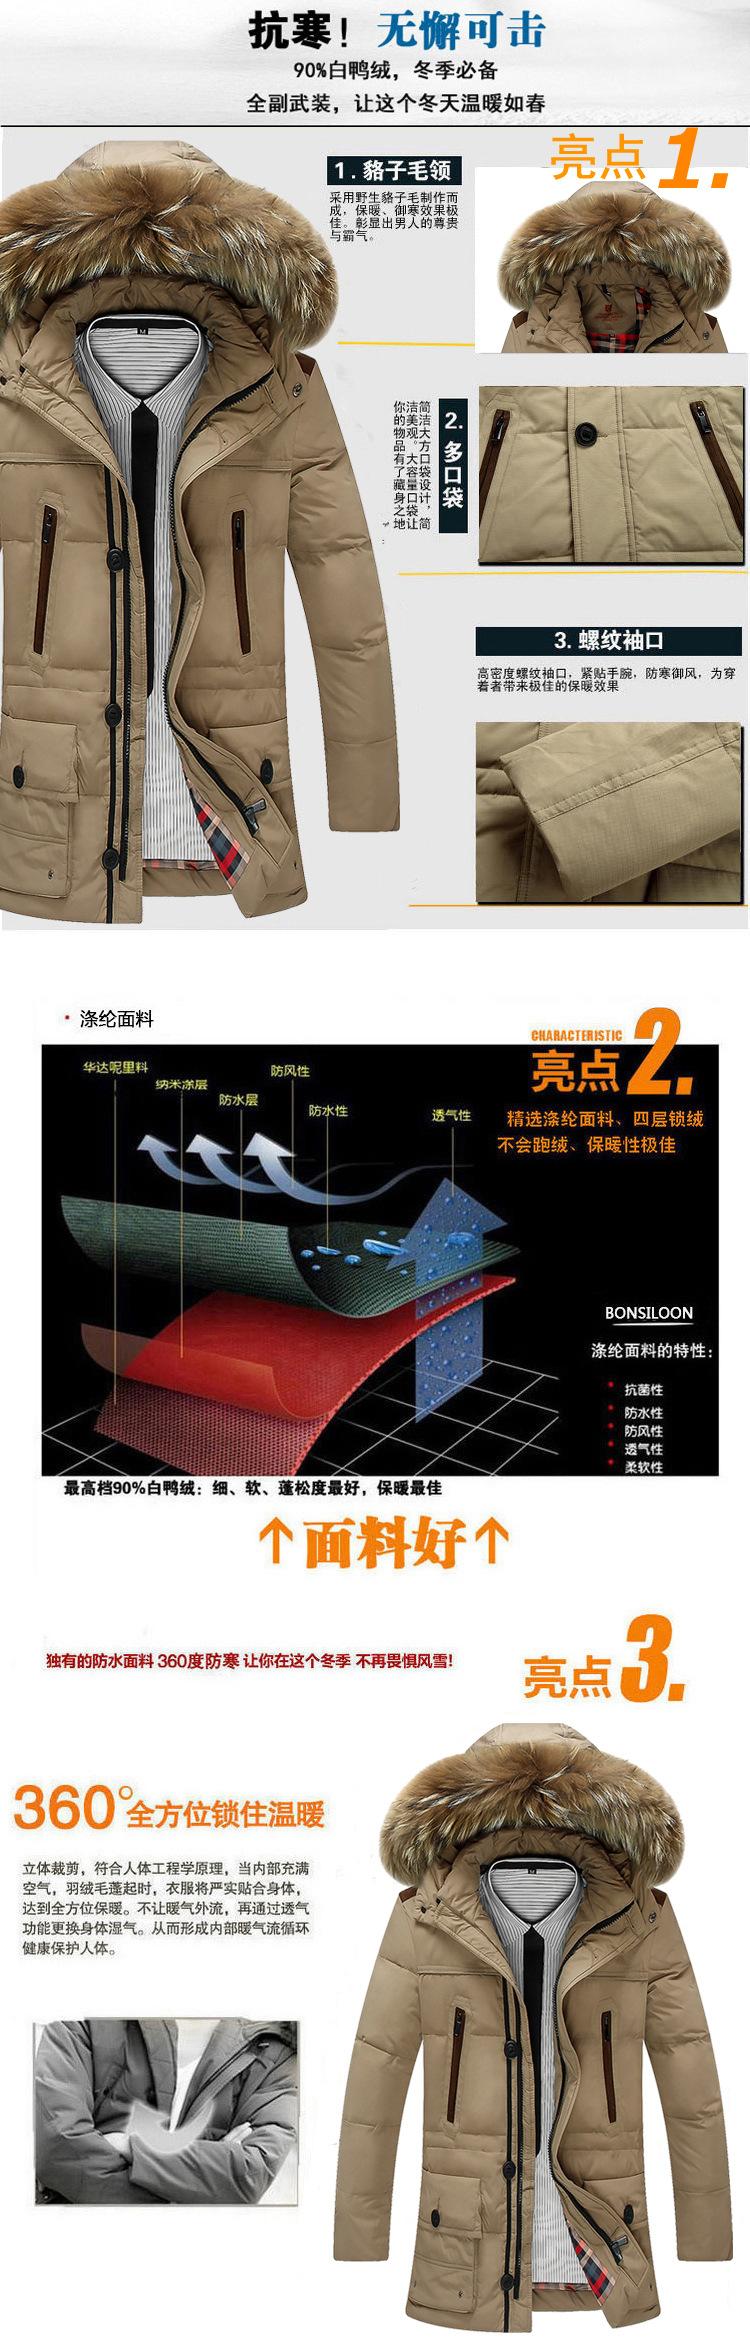 เสื้อโค้ทขนเป็ด ผู้ชาย สีกากี มีฮู้ด(ถอดออกได้) แต่งขนเฟลอ(ถอดออกได้) ซิปหน้า ปิดด้วยกระดุมอีกชั้น กระเป๋าข้างใช้งานได้ กระเป๋าหน้าอกใช้งานได้ แต่งสีน้ำตาลที่หัวไหล่ และข้อศอกเท่ห์ หนาอุ่น มีซับใน เสื้อเป็นผ้าร่มหนา กันน้ำ ลุยหิมะ ใส่ไปต่างประเทศได้ เสื้อแจ็คเก็ตกันหนาวขนเป็ด เหมาะกับอากาศติดลบ หรือเลขตัวเดียว ขนเป็ด Down 90%